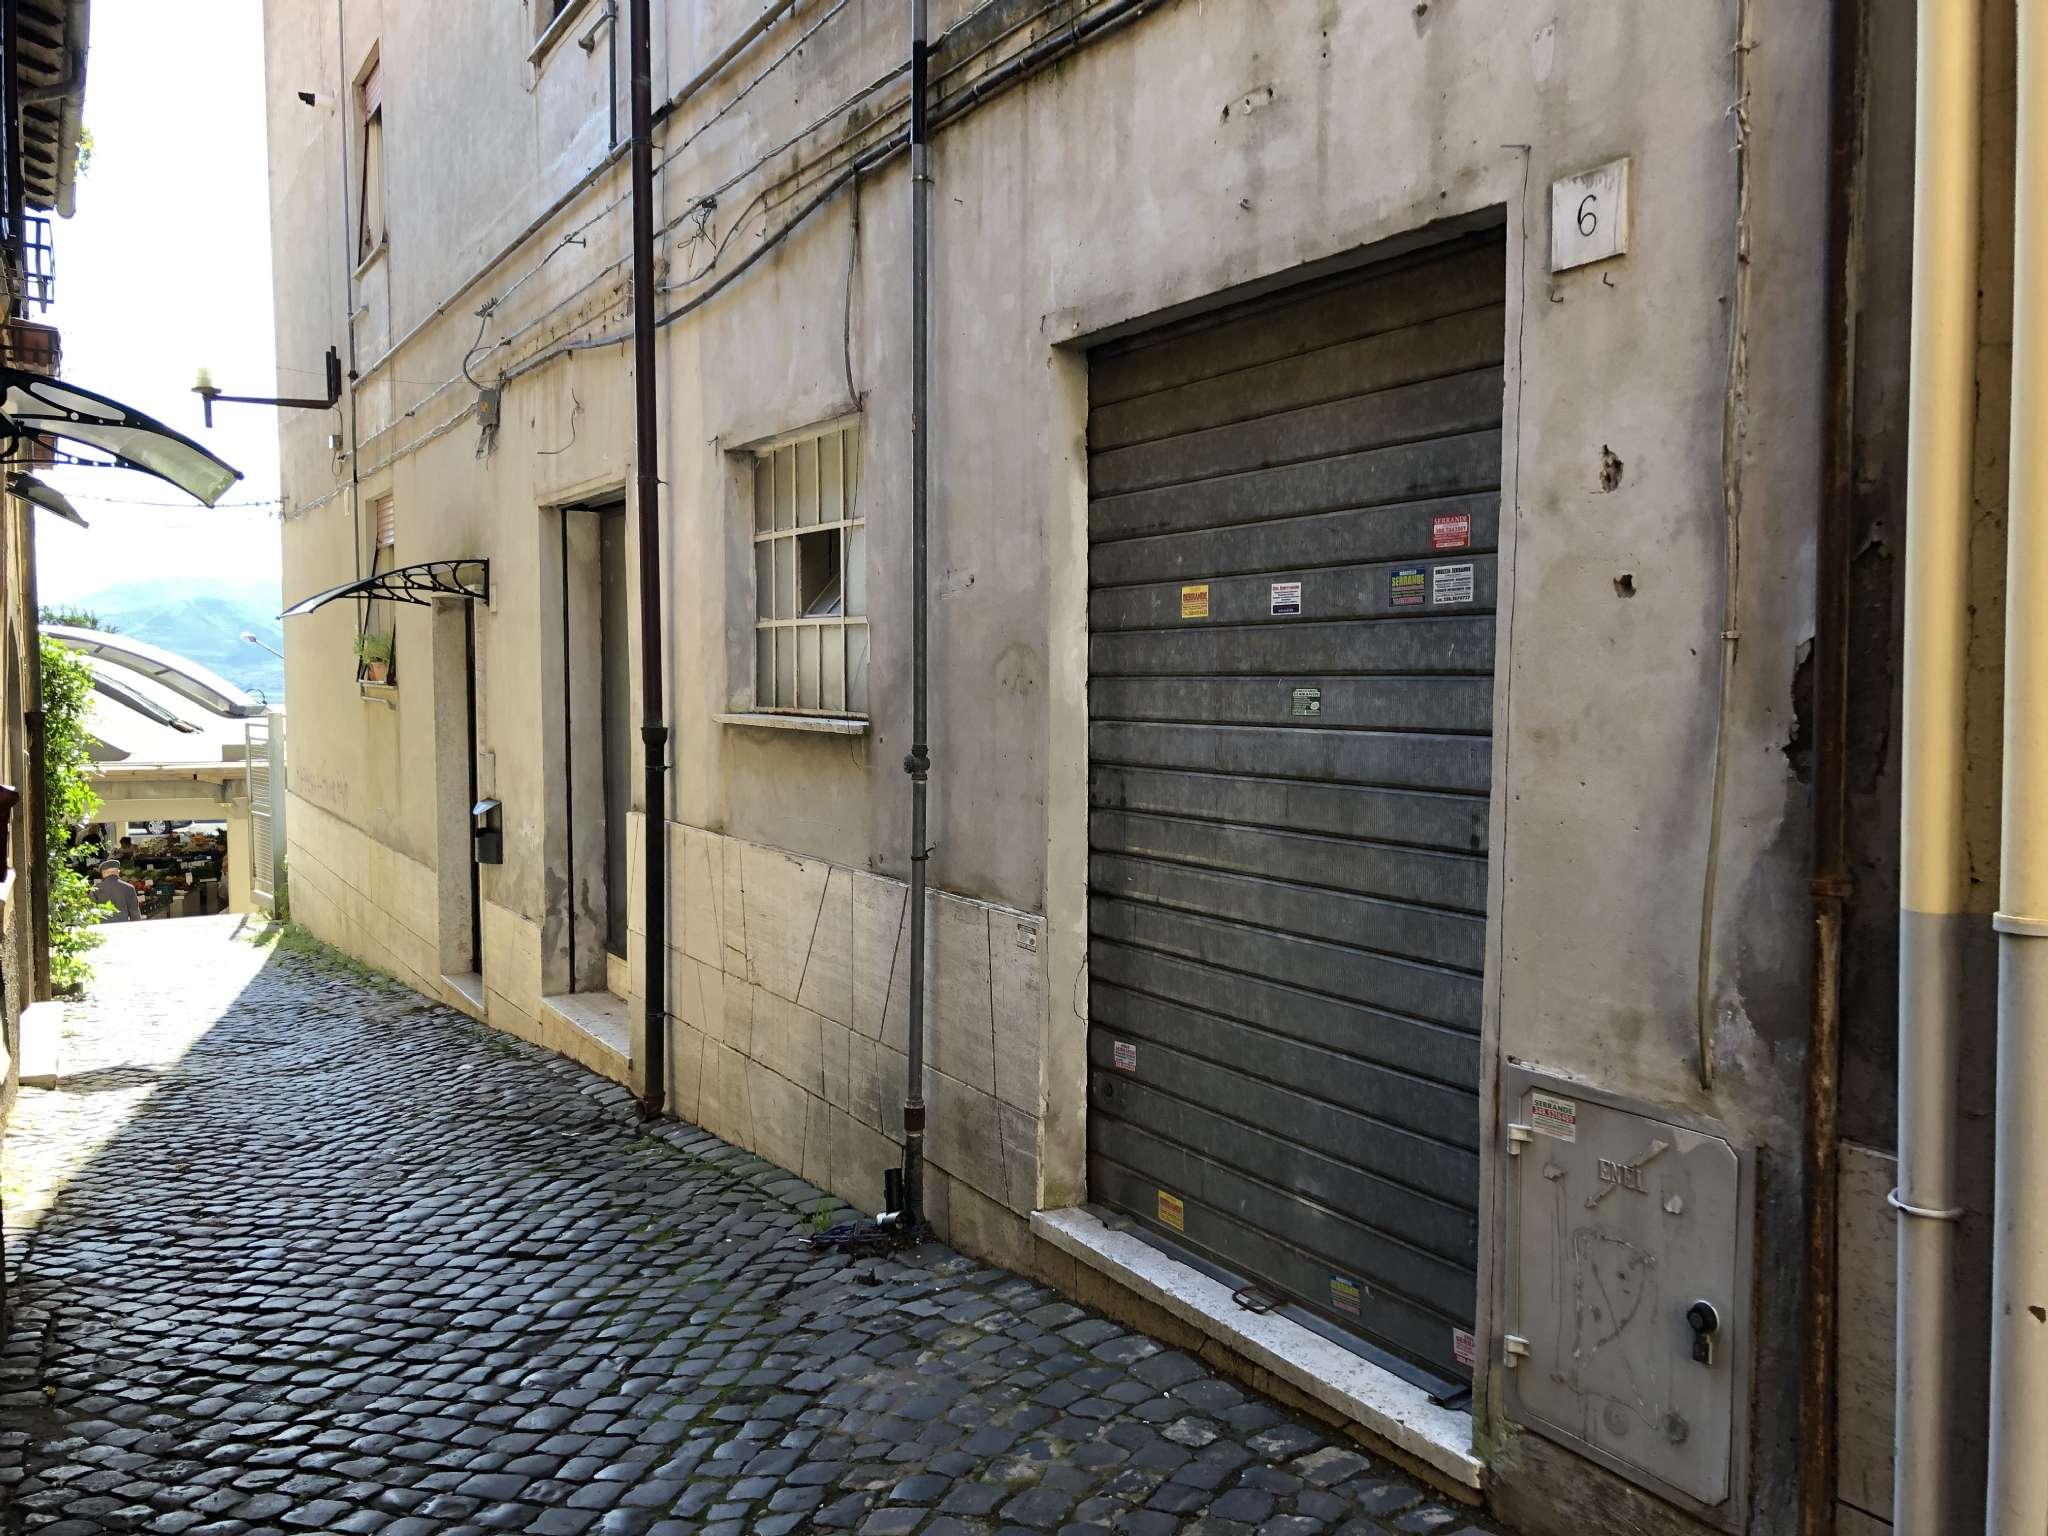 2c6cf918217b Velletri - in posizione centrale, adiacente il mercato coperto, proponiamo  in vendita locale commerciale di 130 mq circa, composto da 5 vani, 3  vetrine con ...